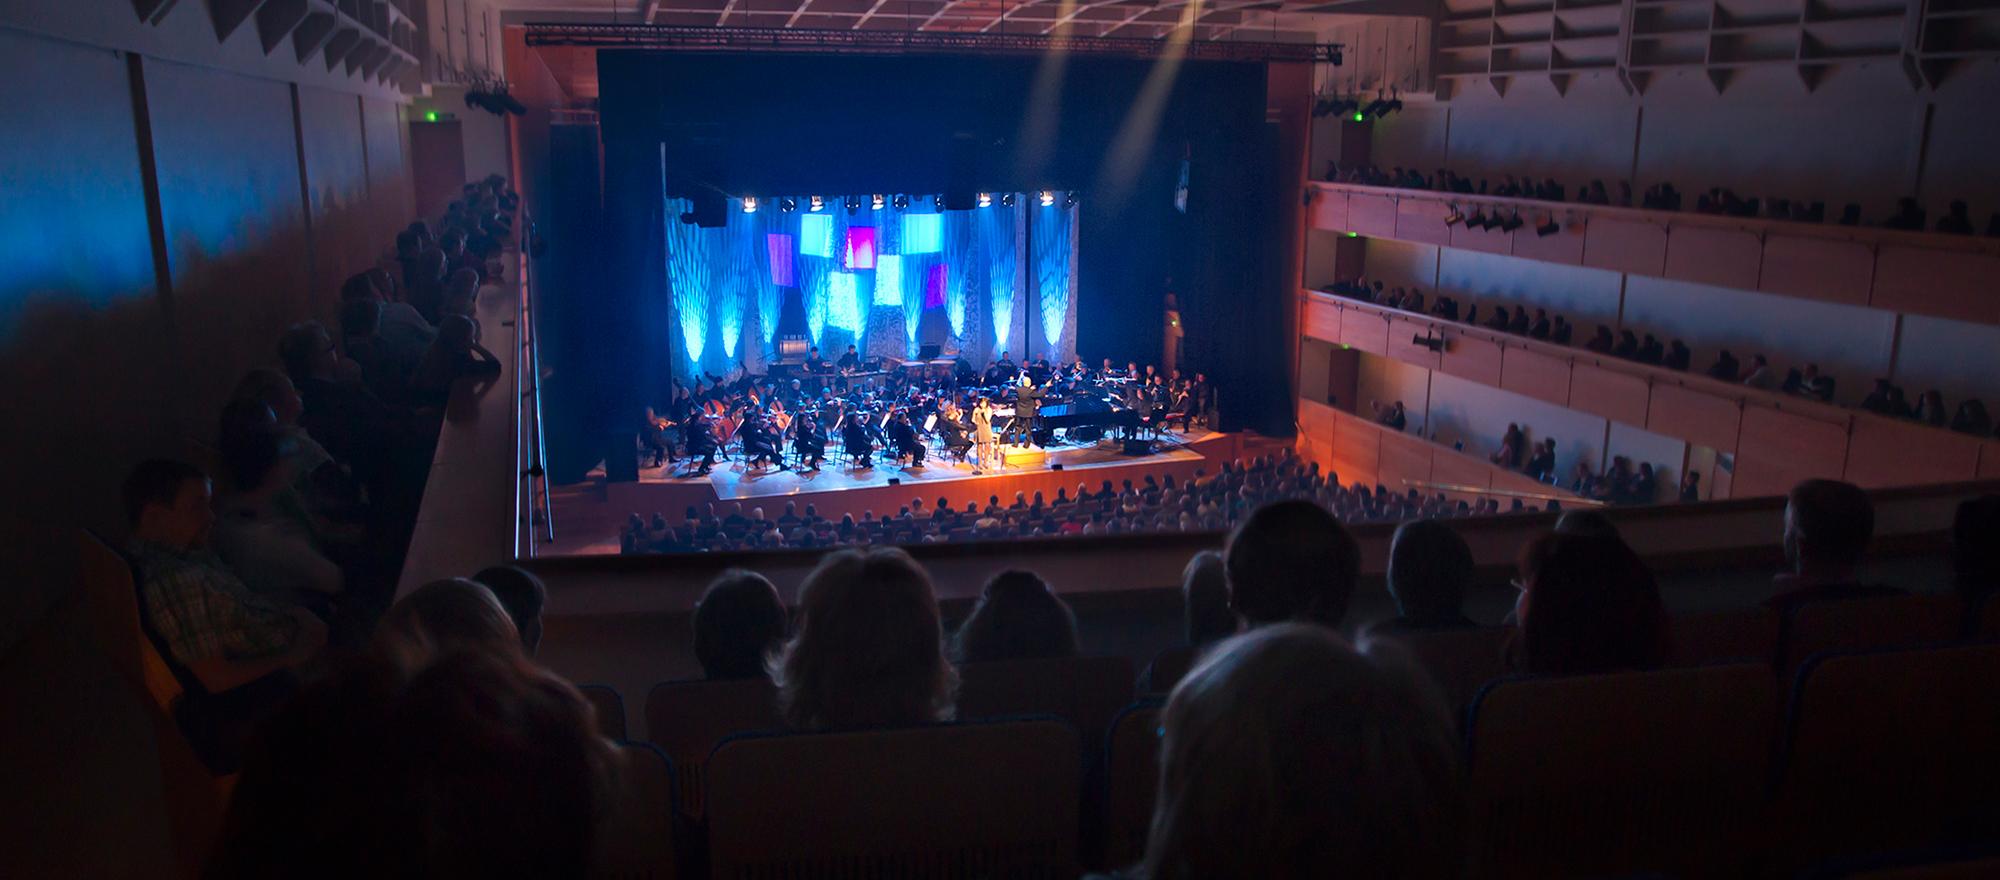 Kuopion musiikkikeskus ohjelmisto 2019